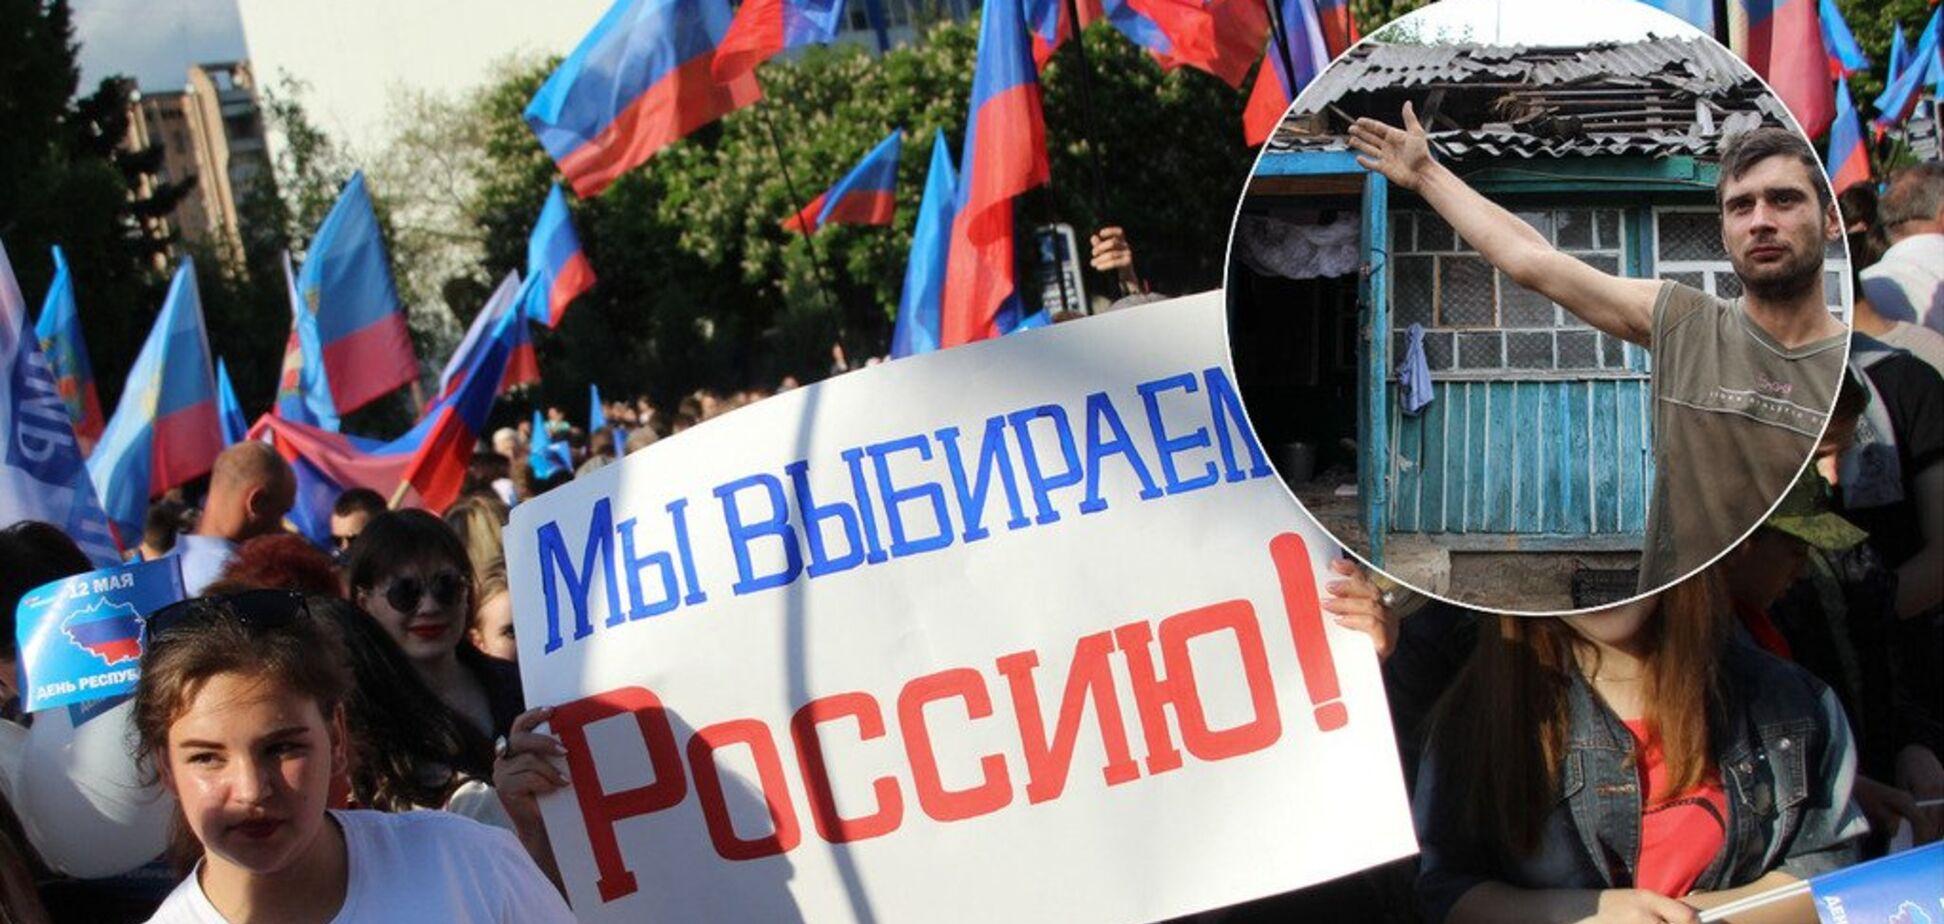 Довіряють Путіну, Скабєєвій і звинувачують Україну: що важливо знати про резонансне опитування мешканців ОРДЛО